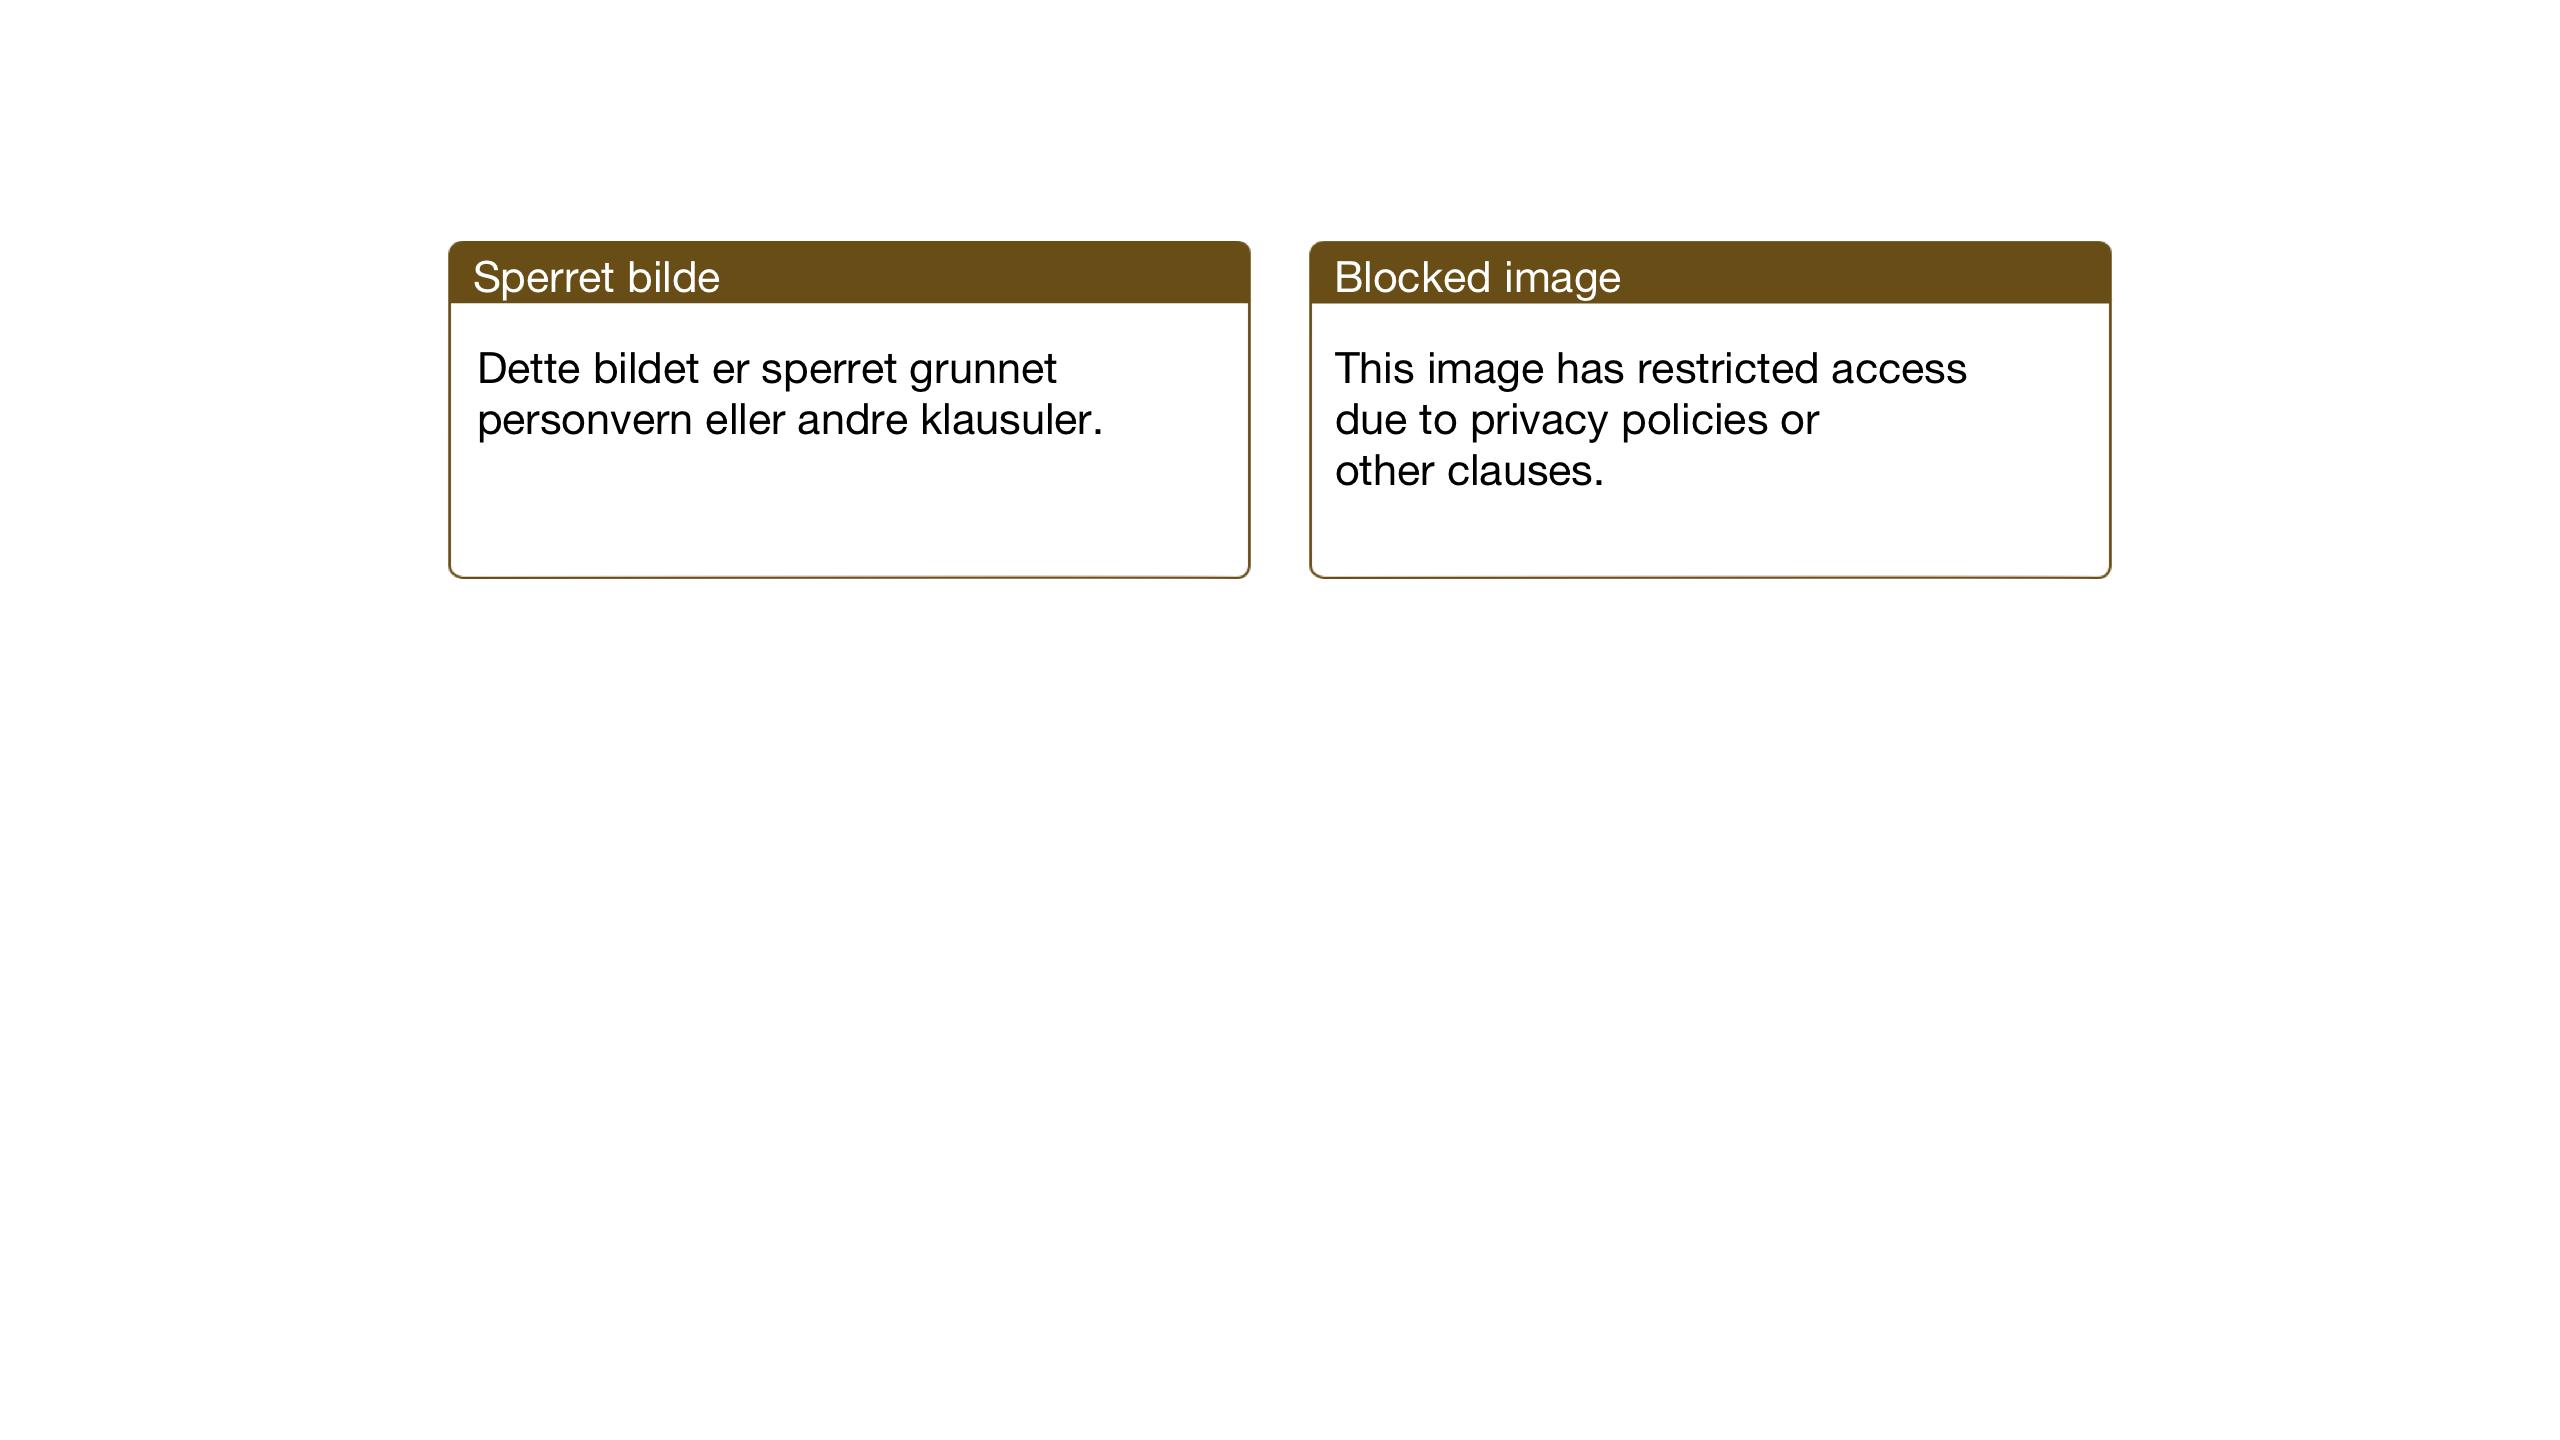 SAT, Ministerialprotokoller, klokkerbøker og fødselsregistre - Nord-Trøndelag, 774/L0631: Klokkerbok nr. 774C02, 1934-1950, s. 41